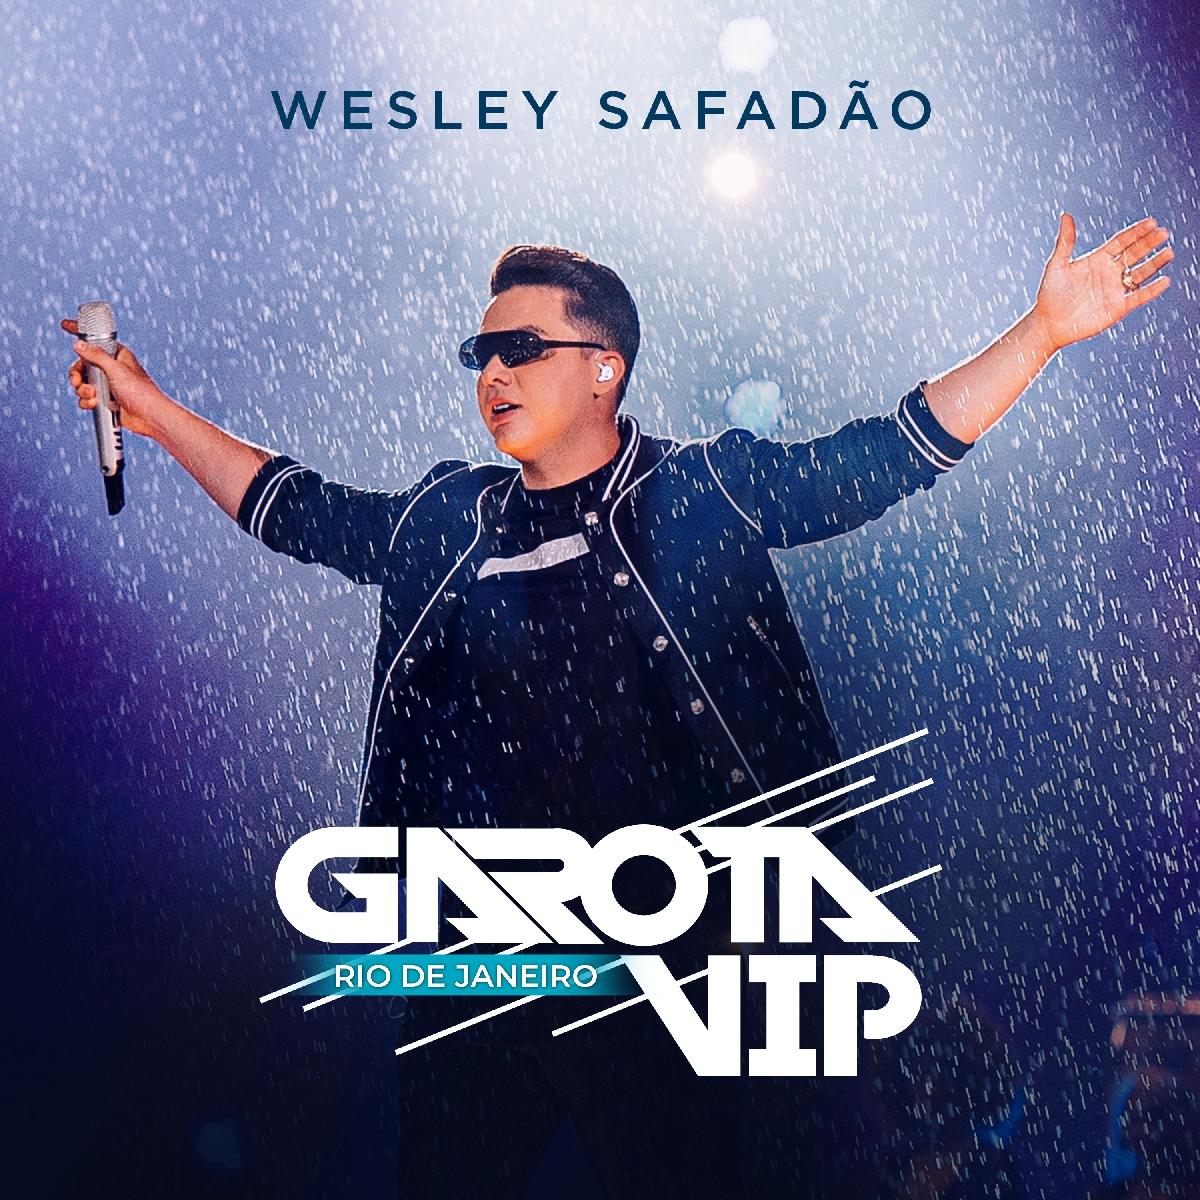 """""""Wesley Safadão – Garota Vip Rio de Janeiro"""" chega às plataformas digitais 41"""